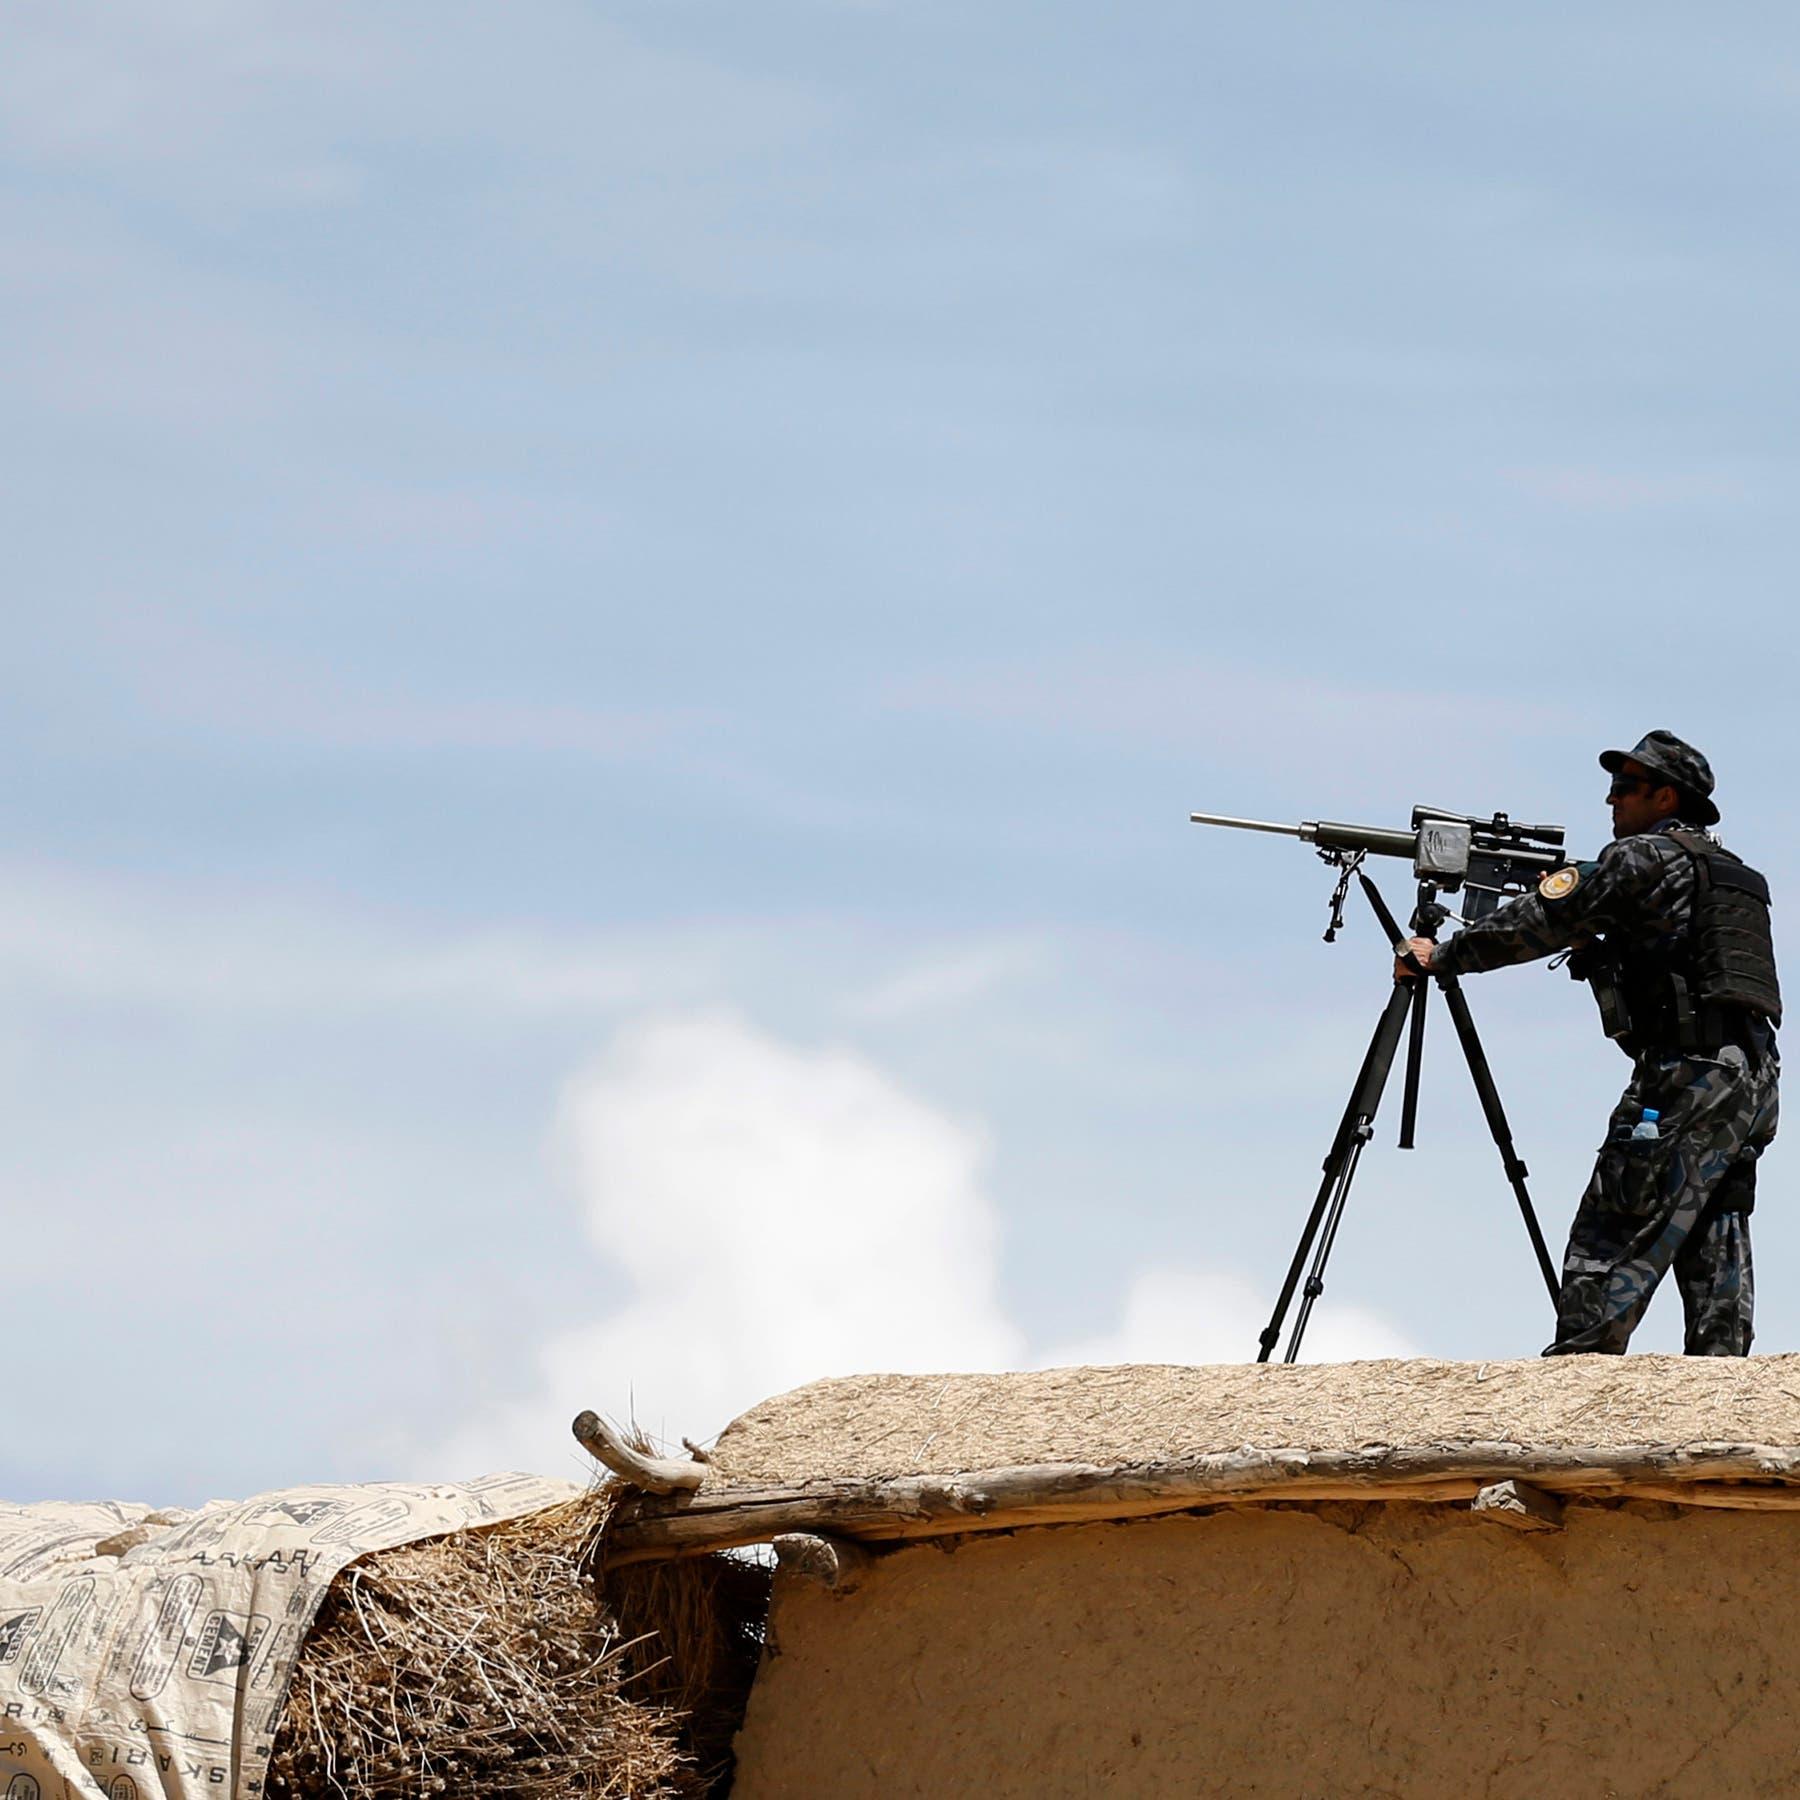 مقتل 11 مقاتلاً موالياً للحكومة الأفغانية بهجوم نُسب لطالبان